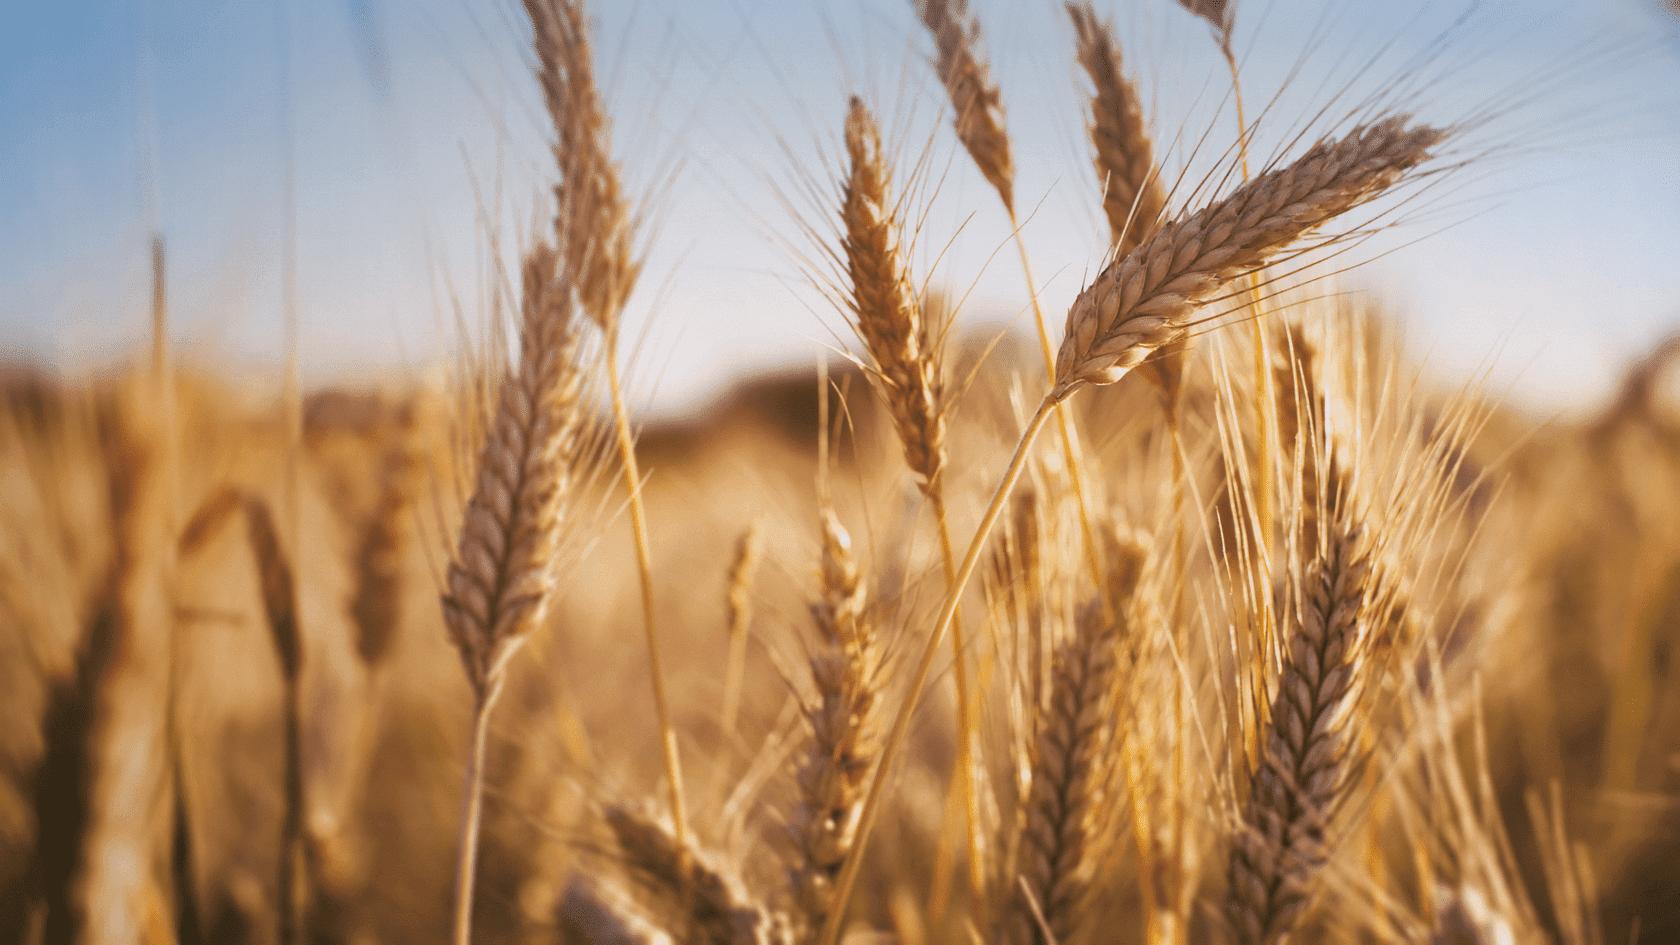 Le bonheur est <br>dans le blé